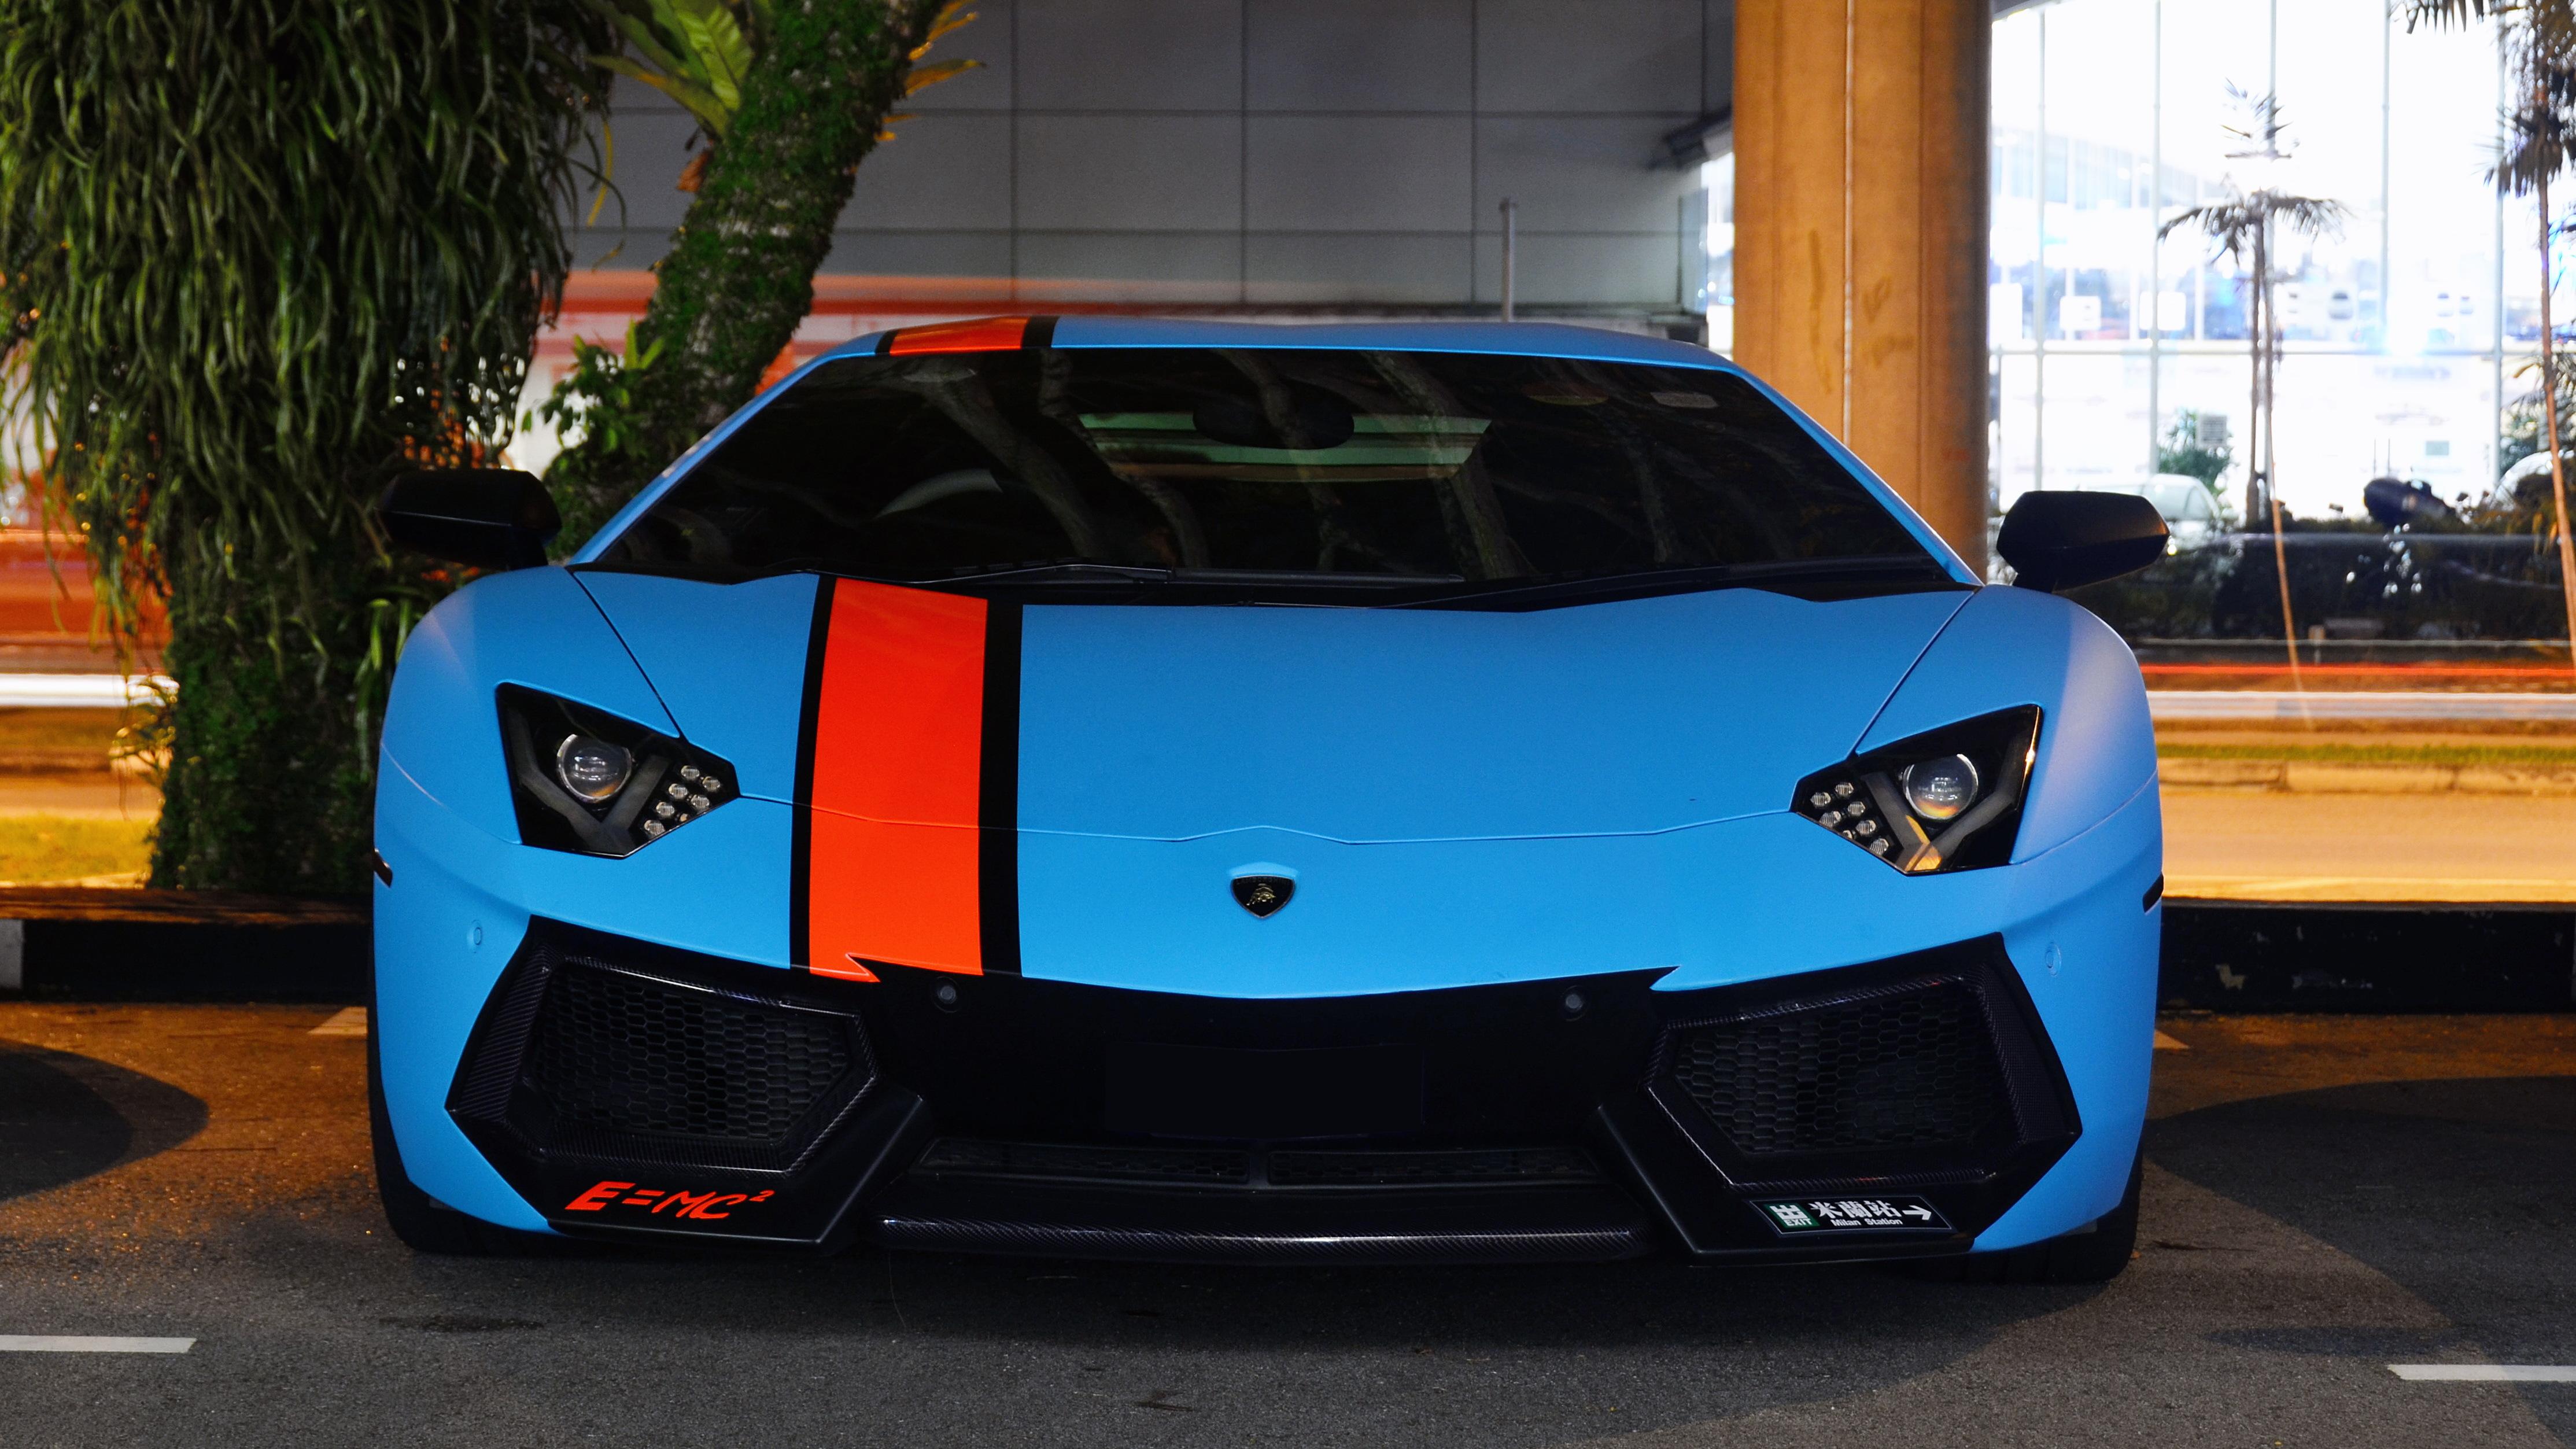 98097 Hintergrundbild herunterladen Lamborghini, Cars, Aventador, Lp700-4, Supersportwagen, Exotisch - Bildschirmschoner und Bilder kostenlos